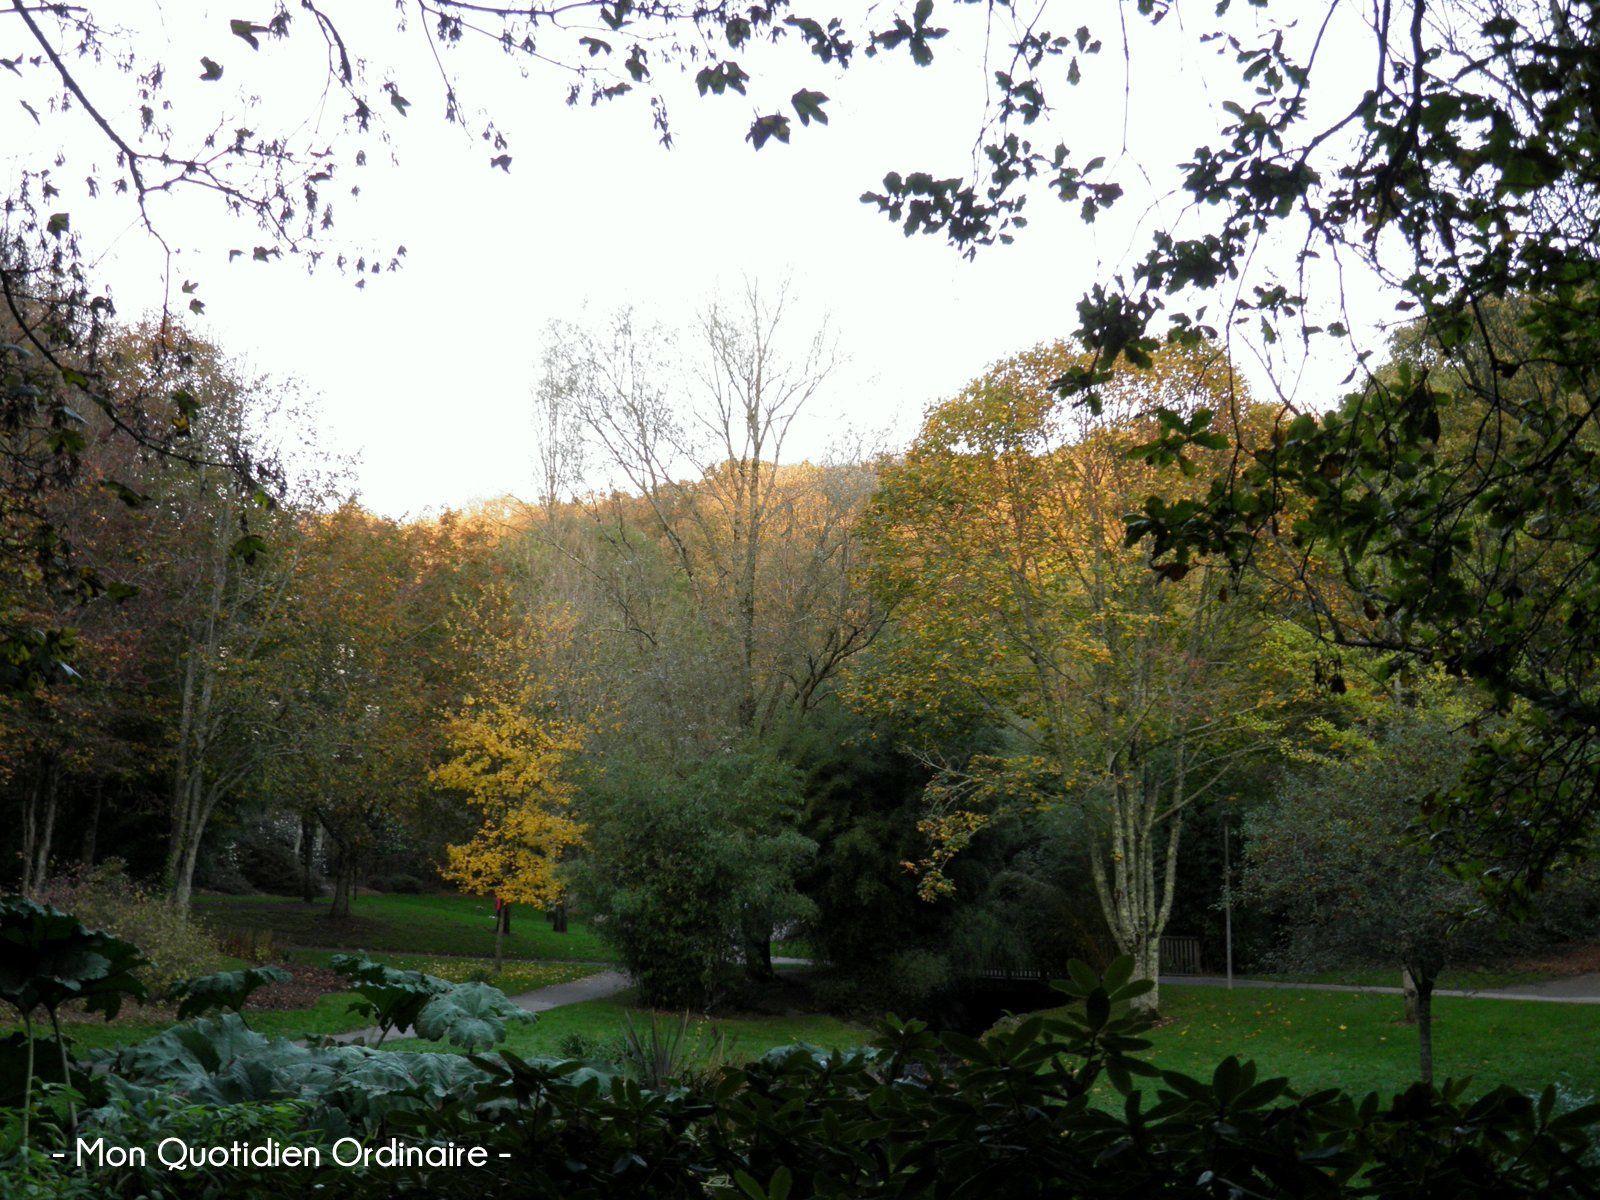 Le Jardin du Conservatoire Botanique de Brest